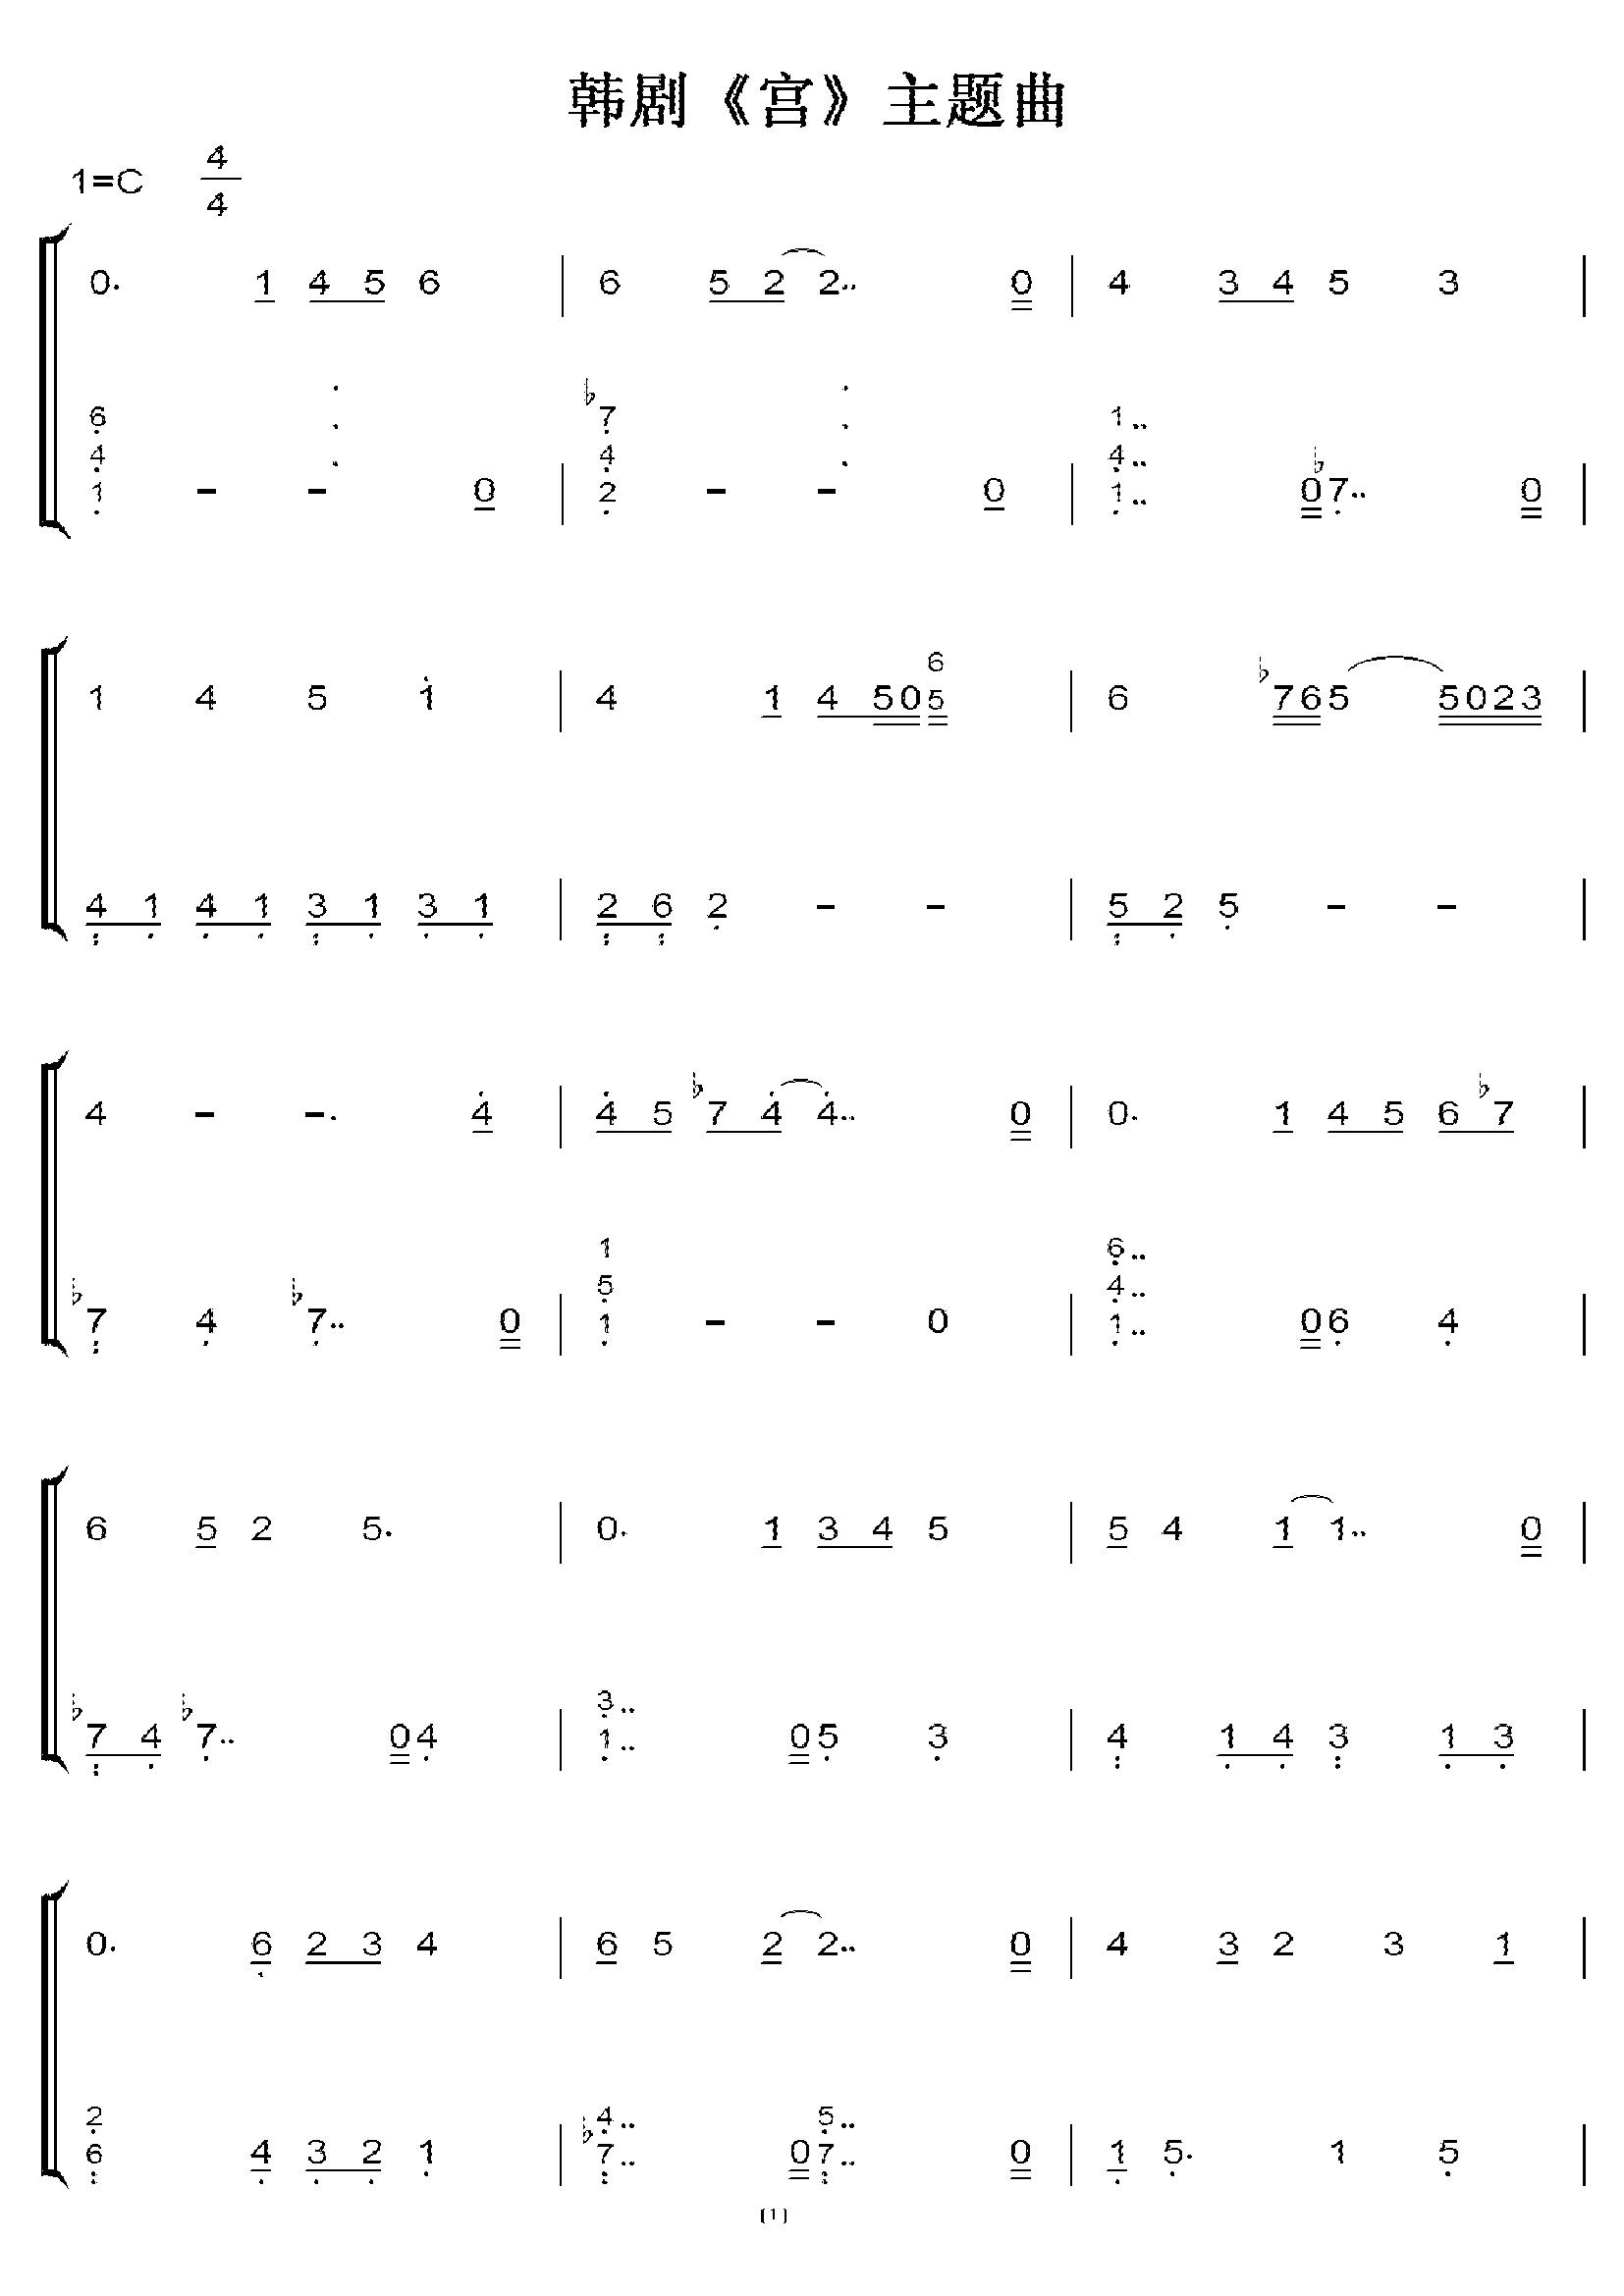 韩剧《宫》主题曲 c大调 初学简易版 钢琴双手简谱 钢琴谱图片